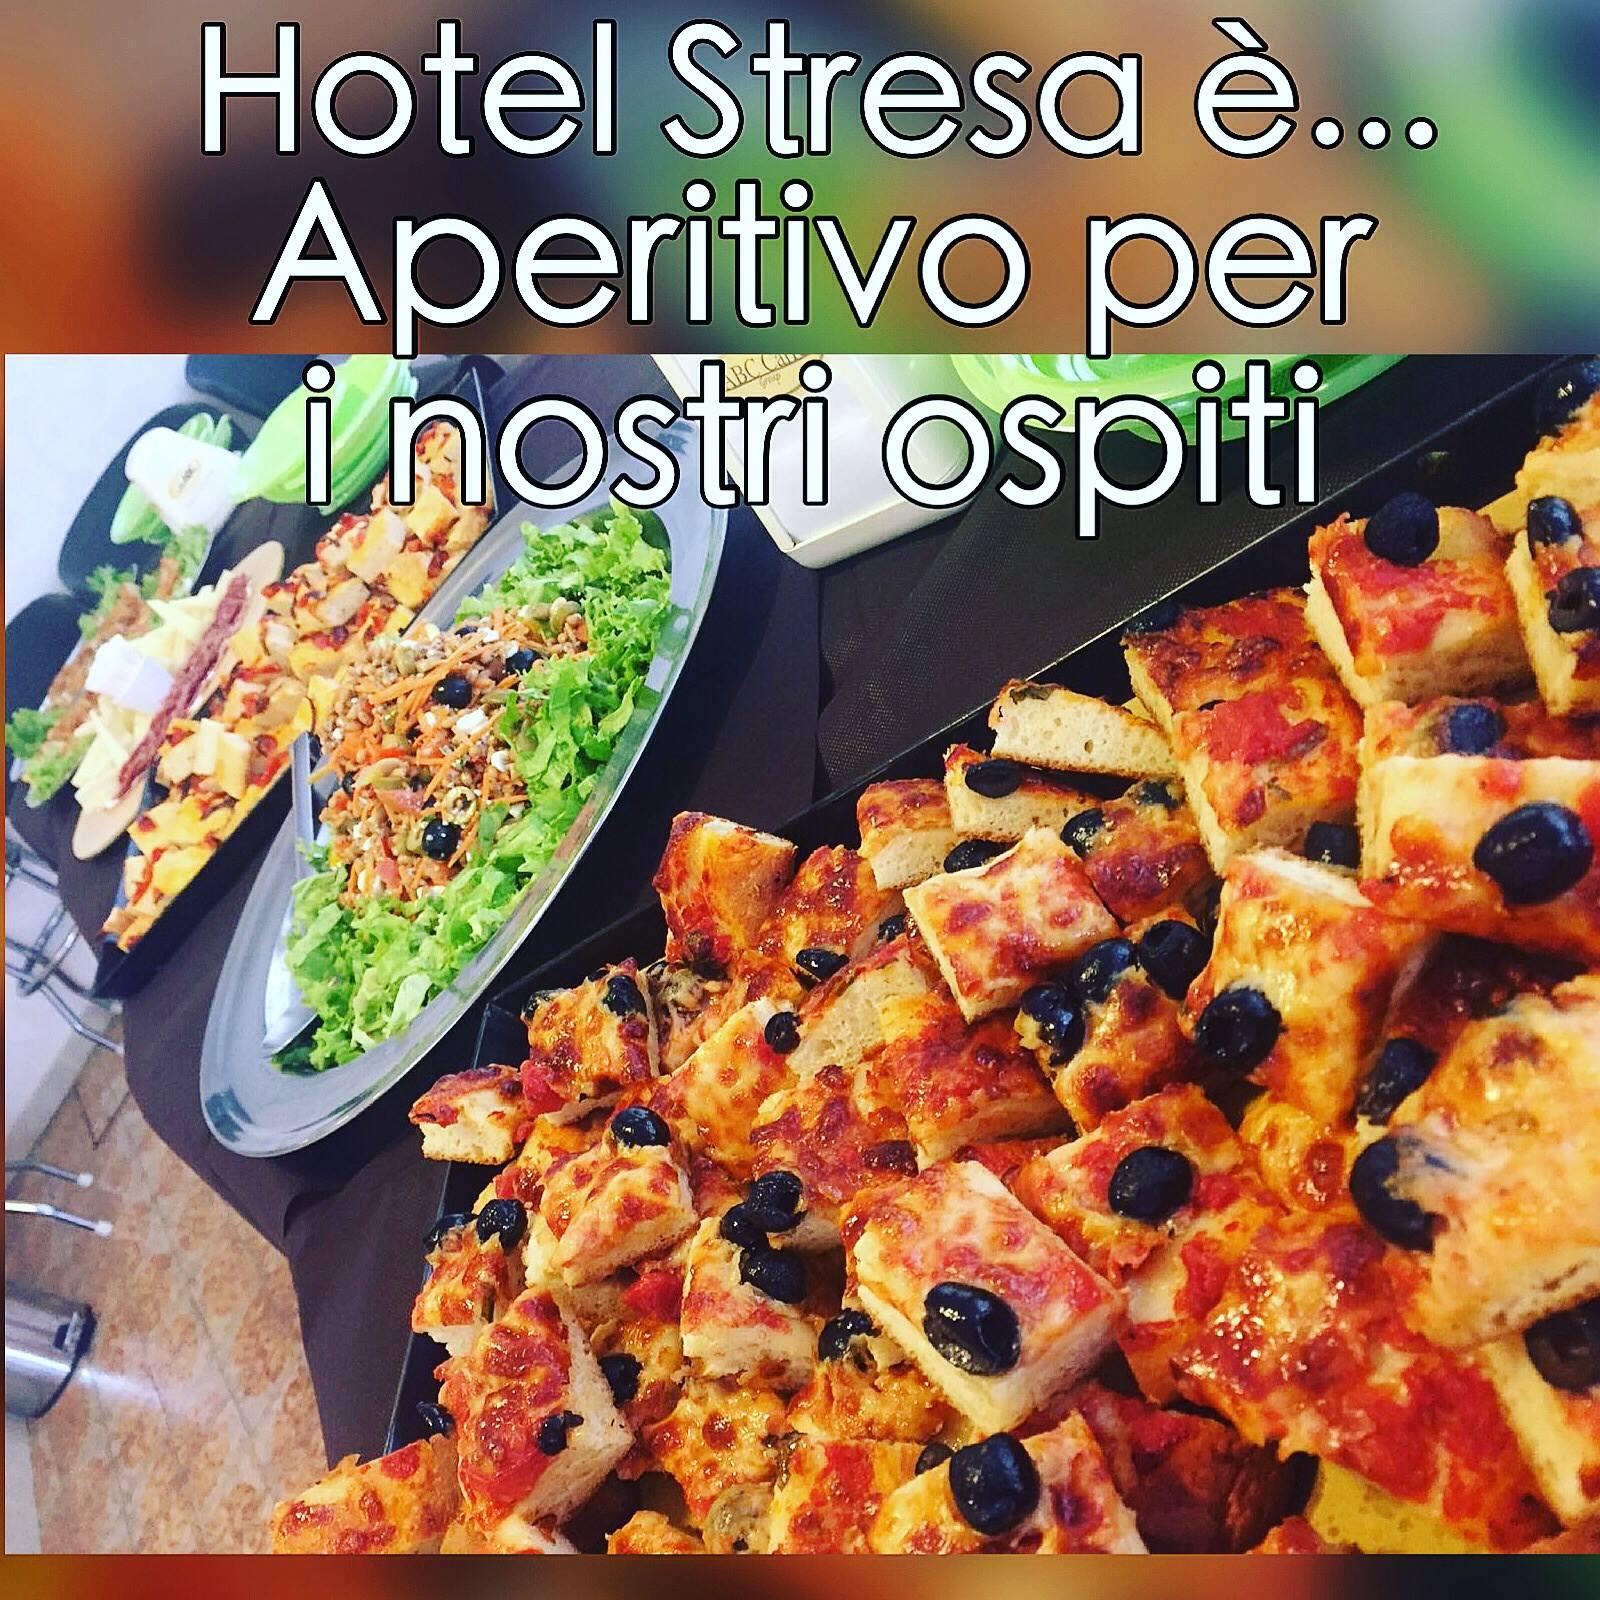 Aperitivo all'hotel Stresa di Rimini